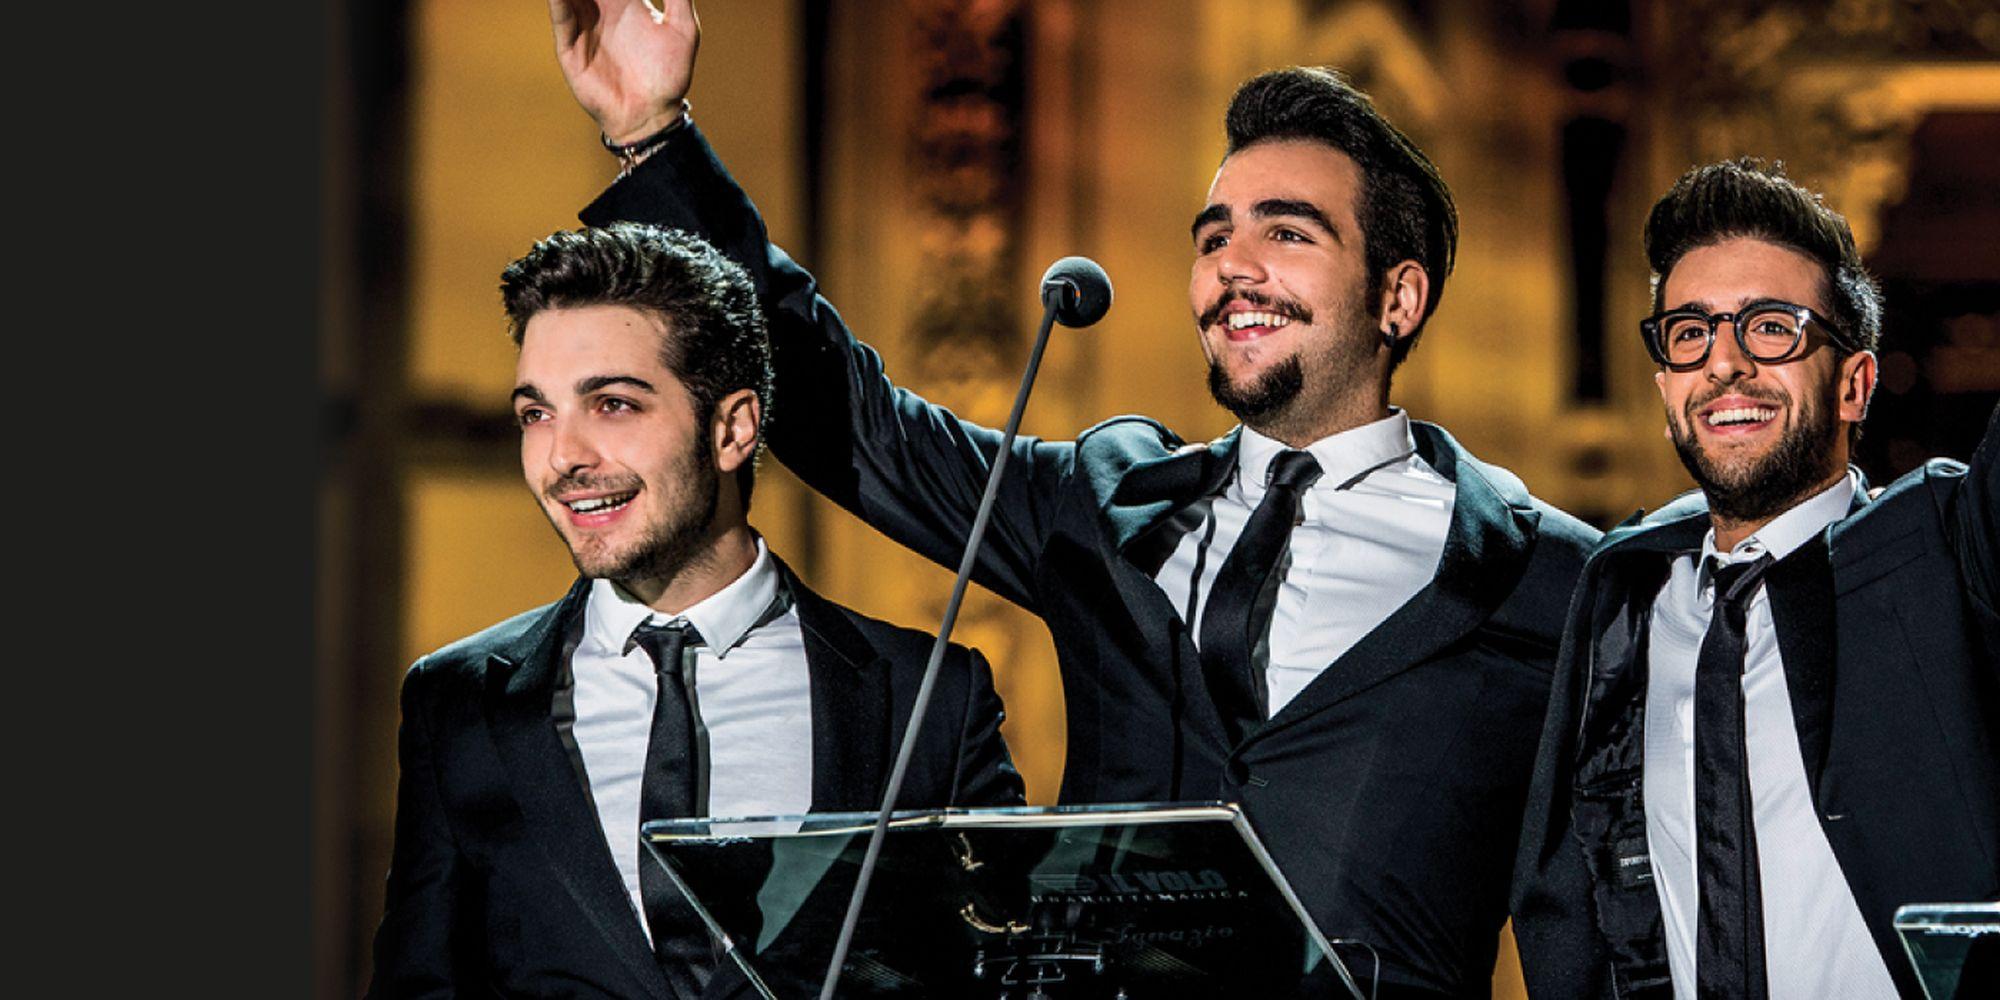 Il Volo in concerto a Matera – 16 giugno: biglietti, scaletta, ospiti, come arrivare